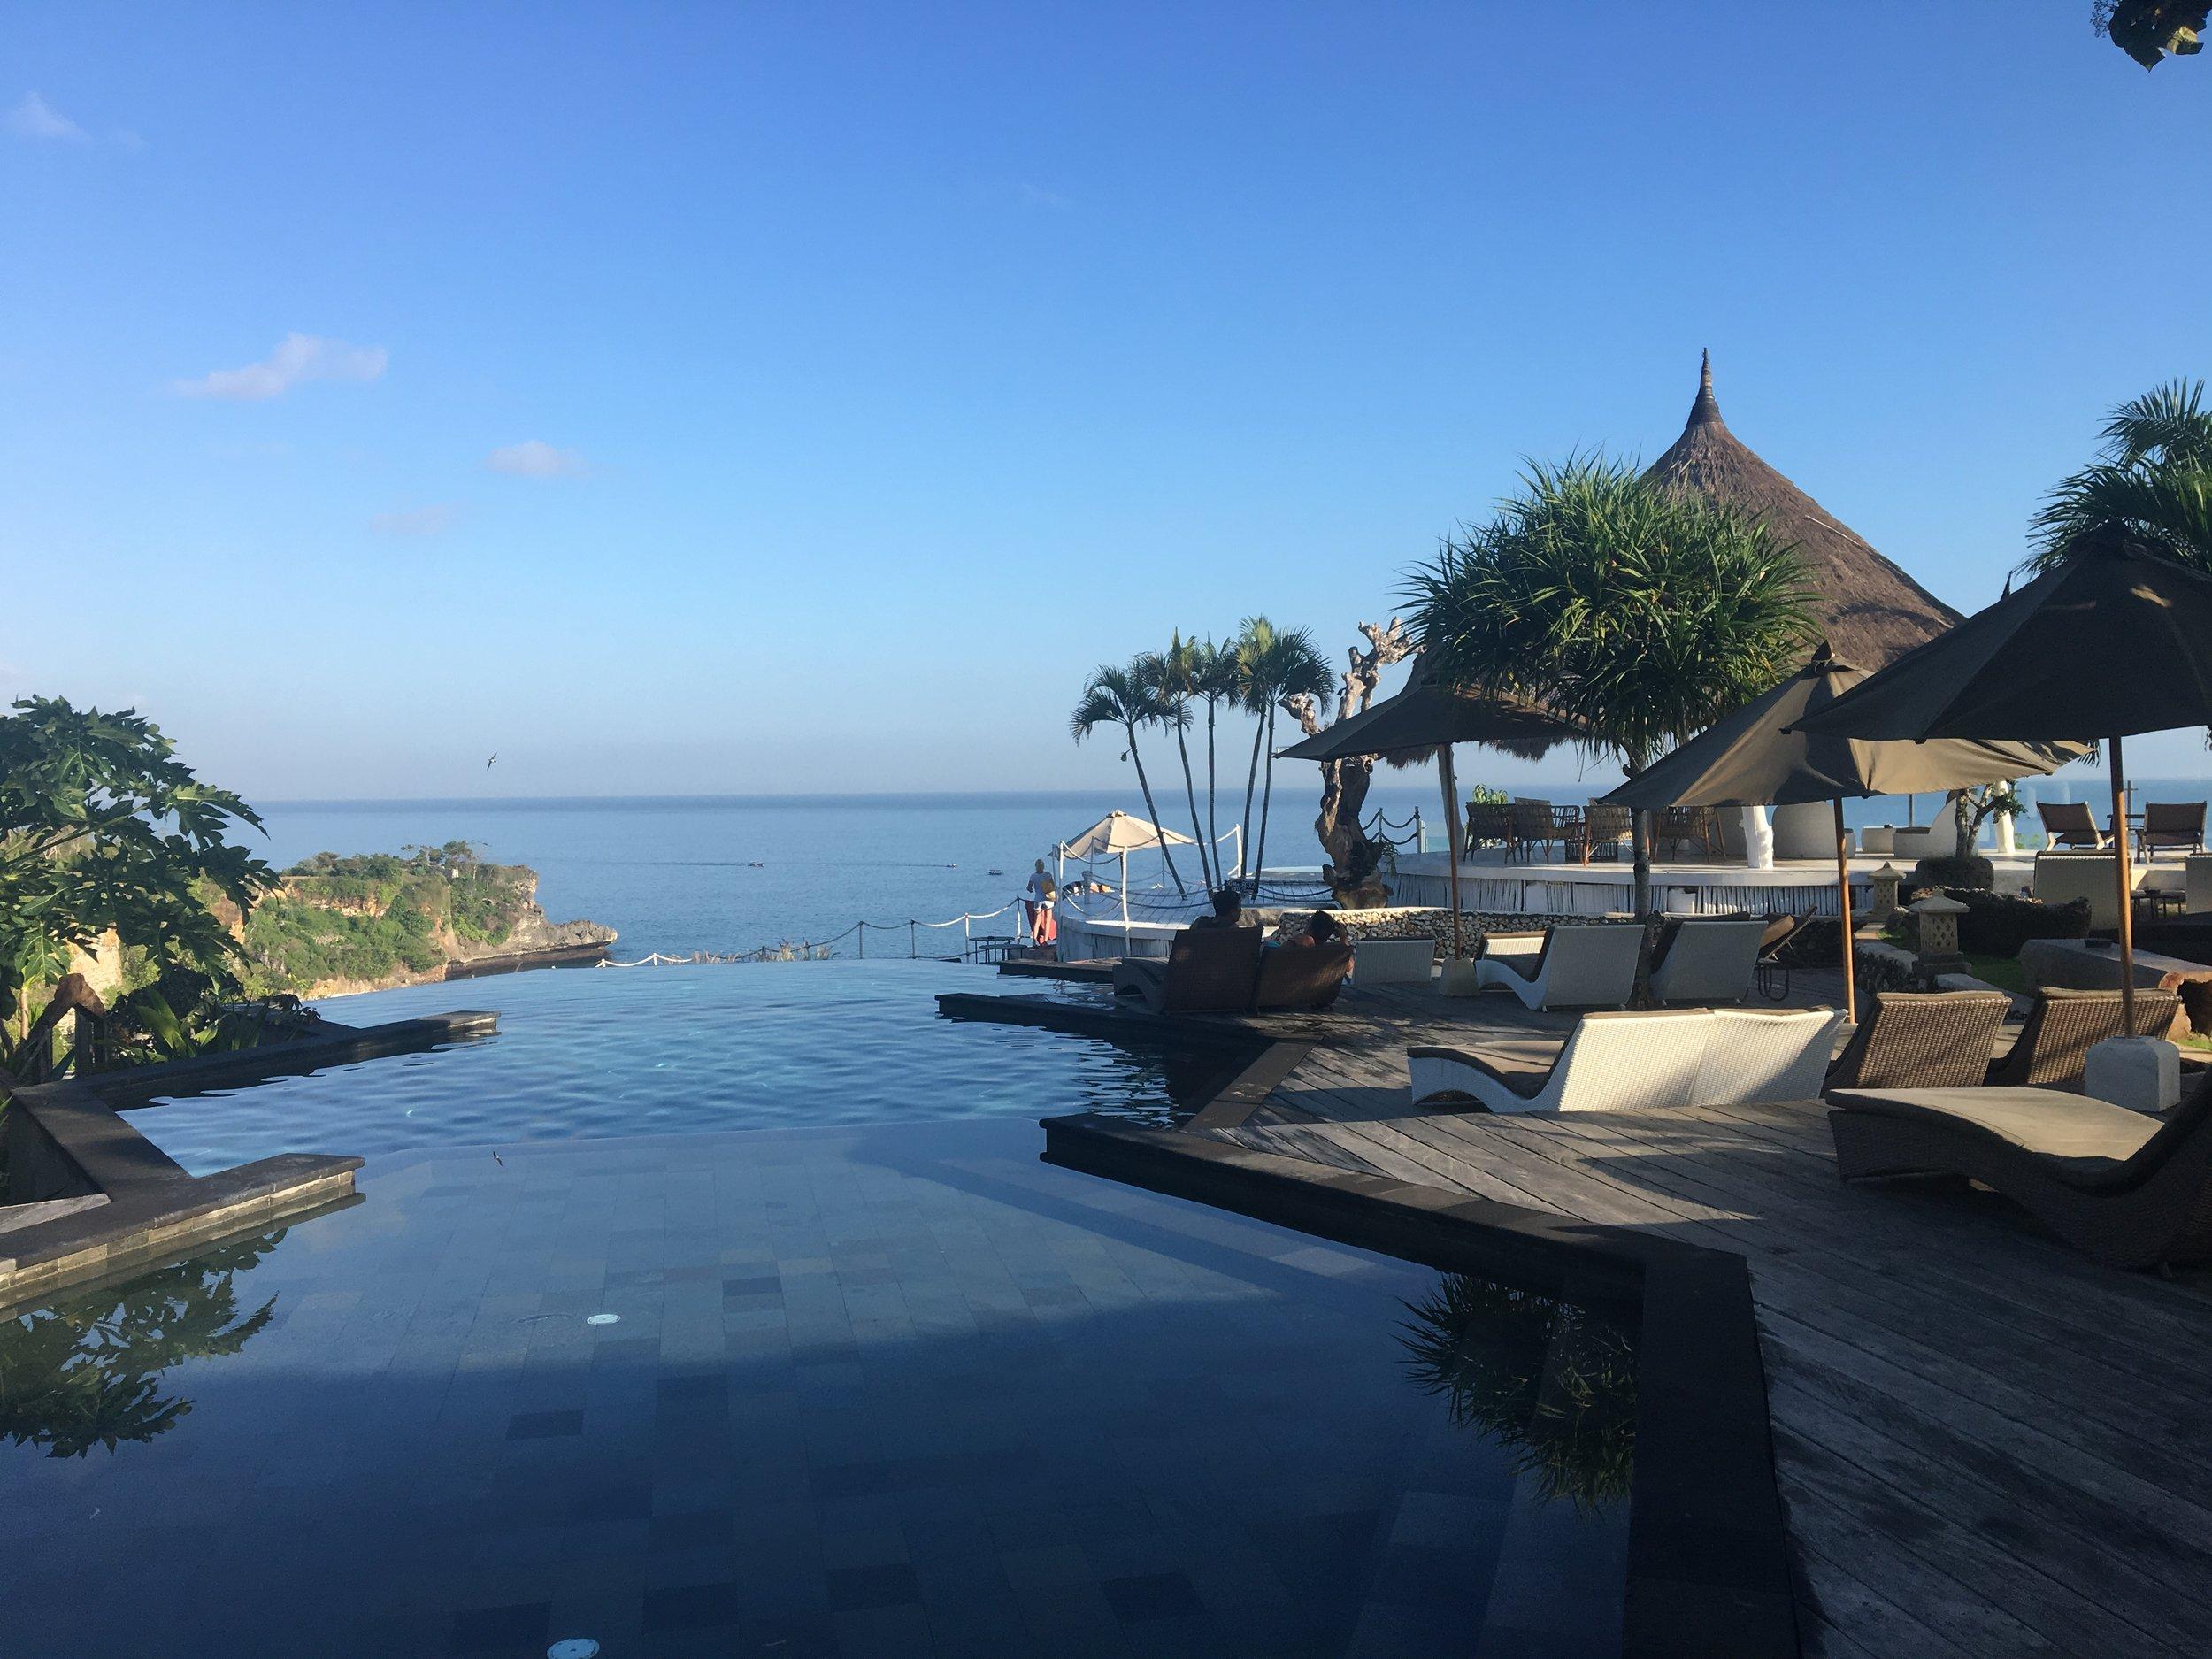 NoraSibley-Bali